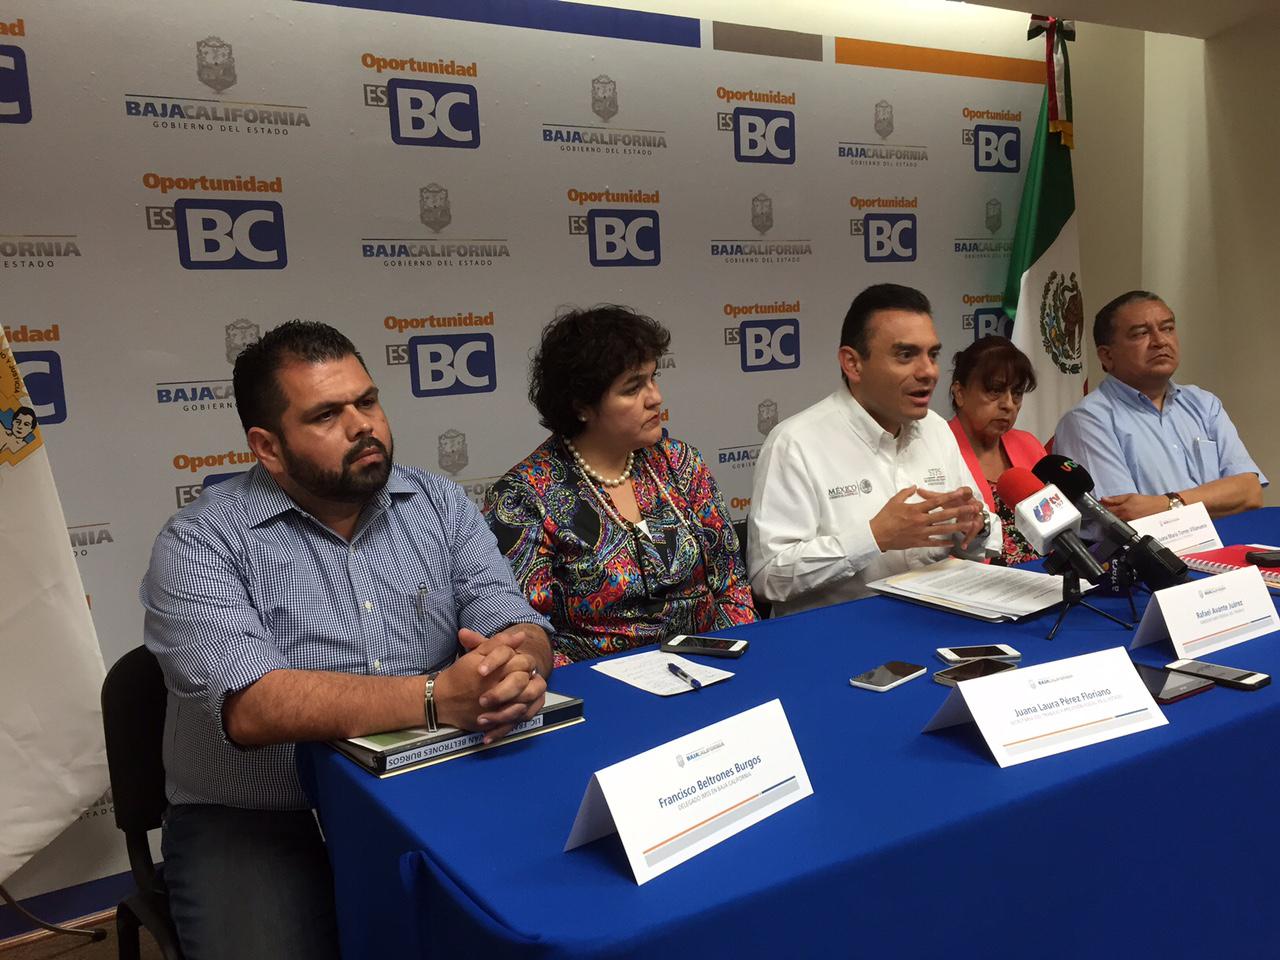 El Subsecretario del Trabajo de la STPS, Rafael Avante Juárez, acompañado de la Secretaria del Trabajo y Previsión Social de Baja California, Juana Laura Pérez Florian y el Delegado del Gobierno del Estado en Ensenada, Pablo Alejo López Nuñez.